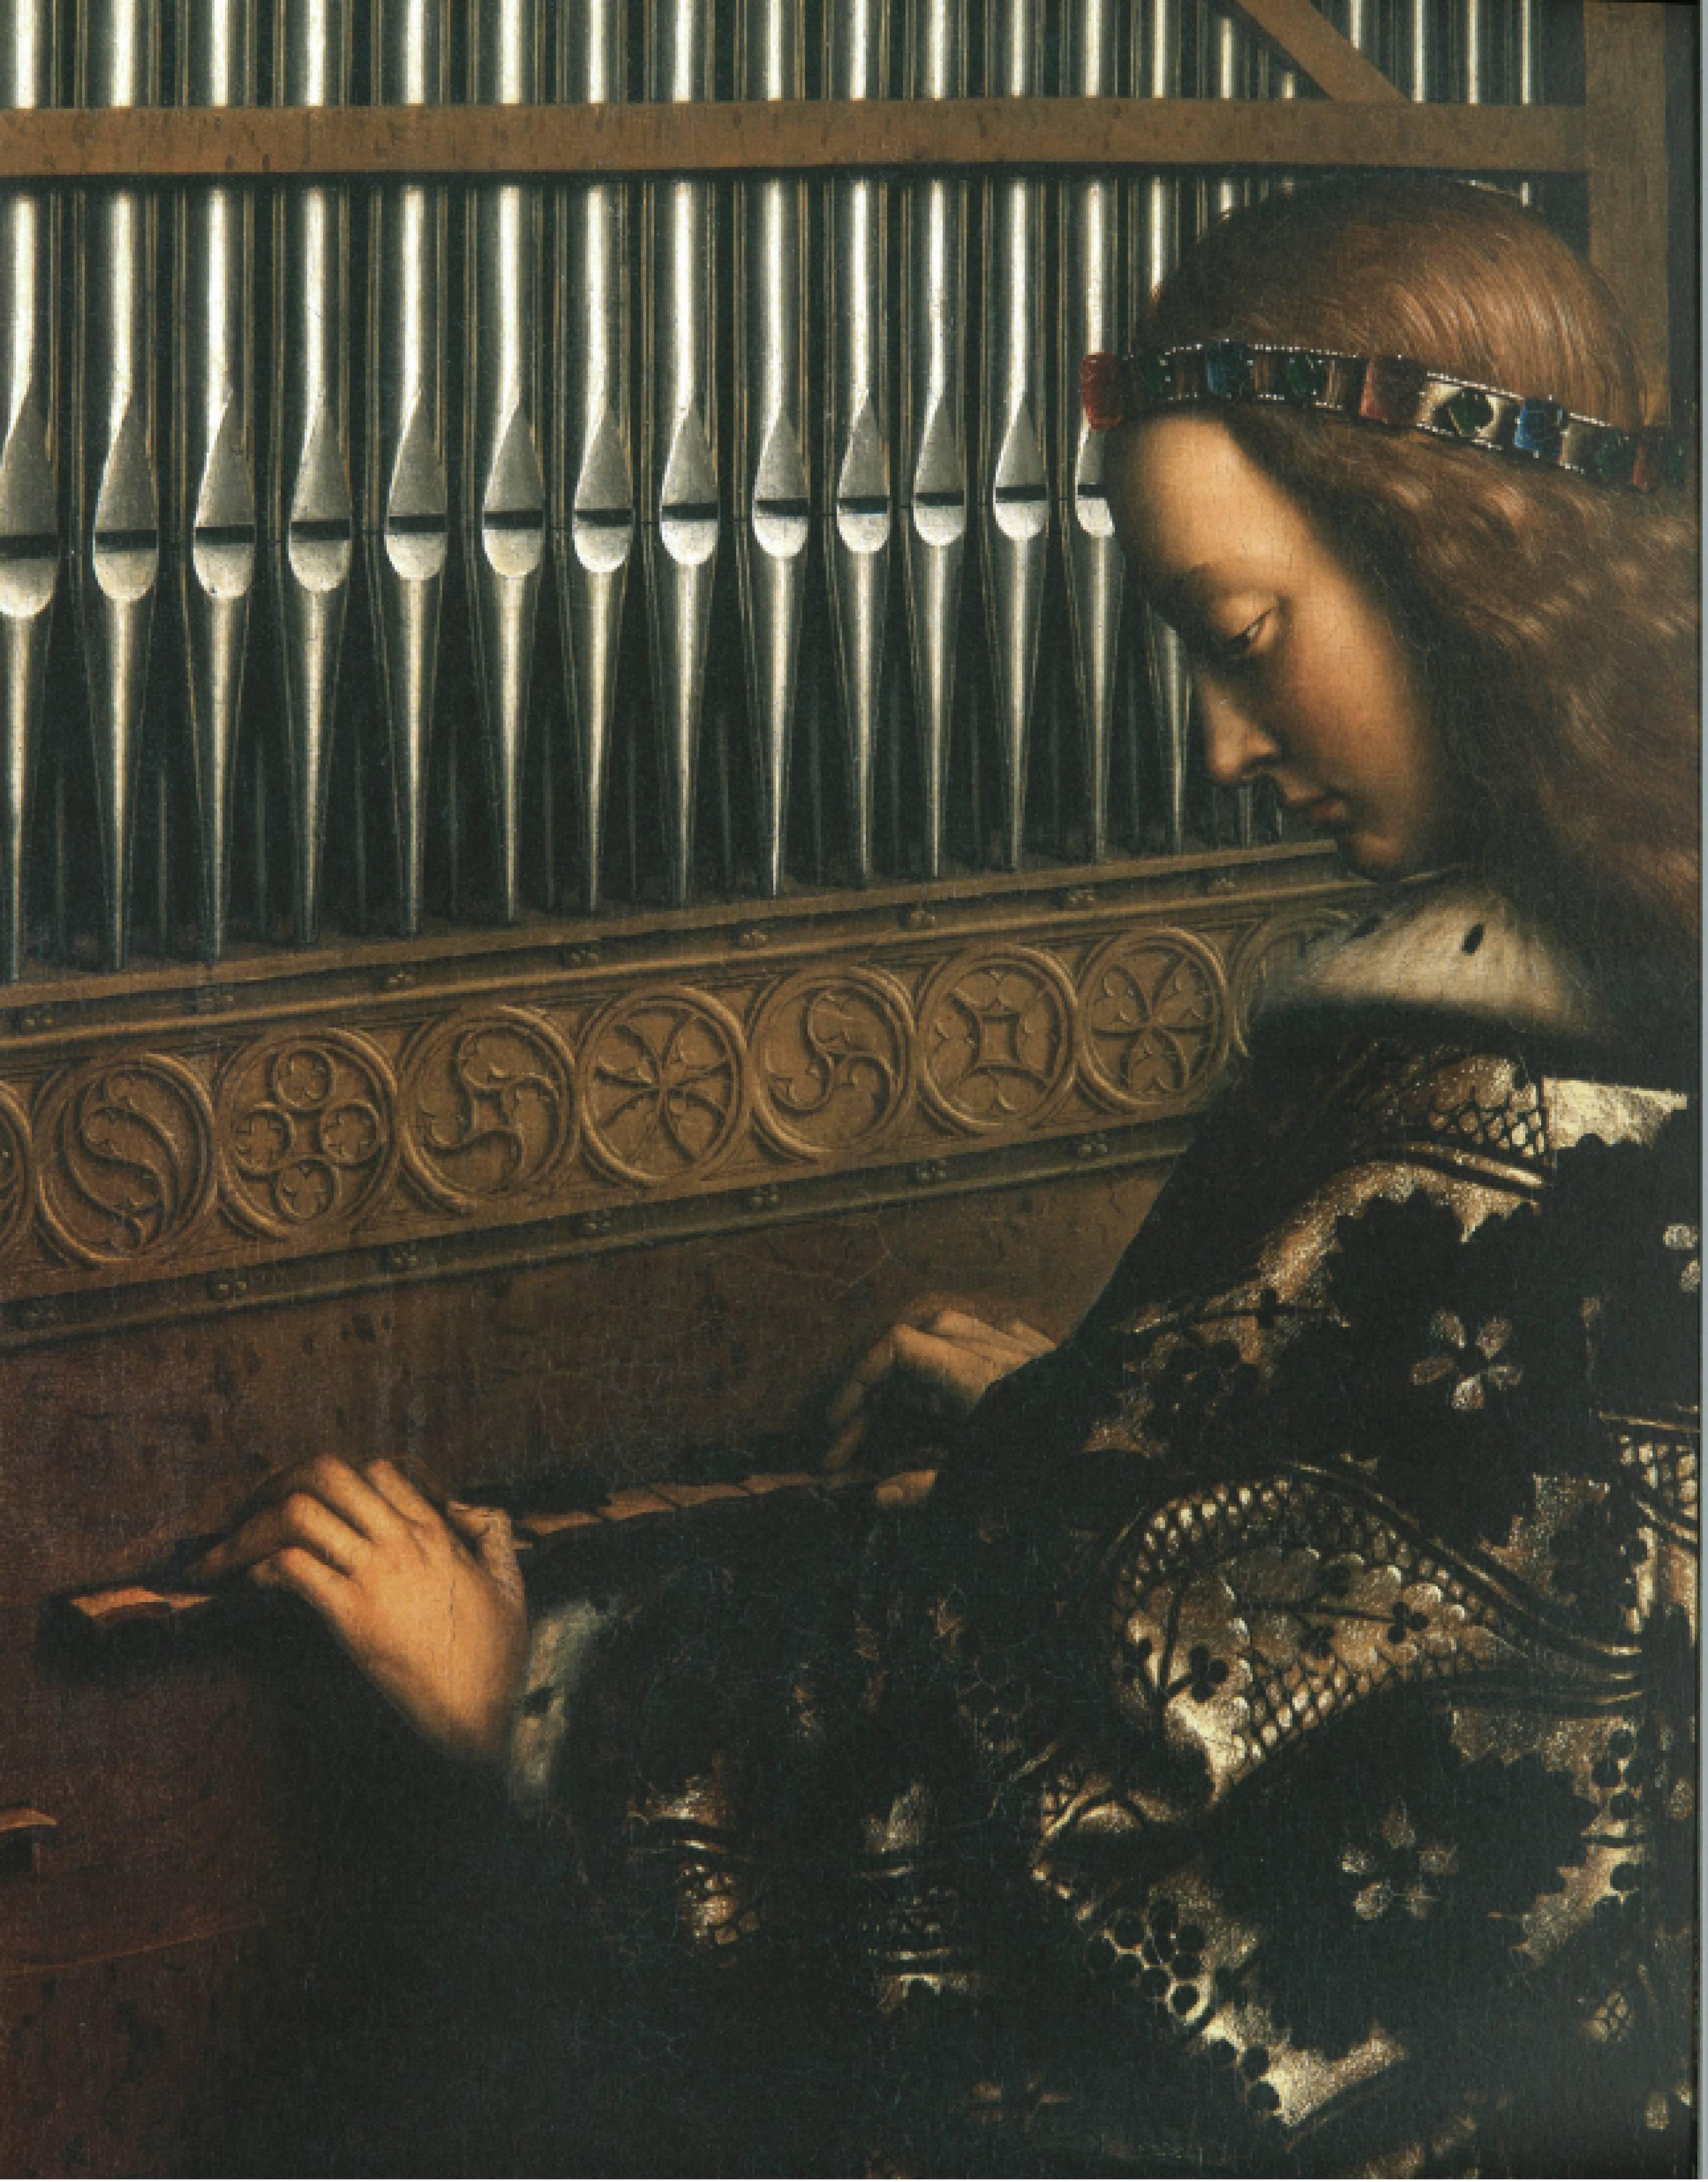 Van-Eyck, détail de L'agneau mystique, 1432